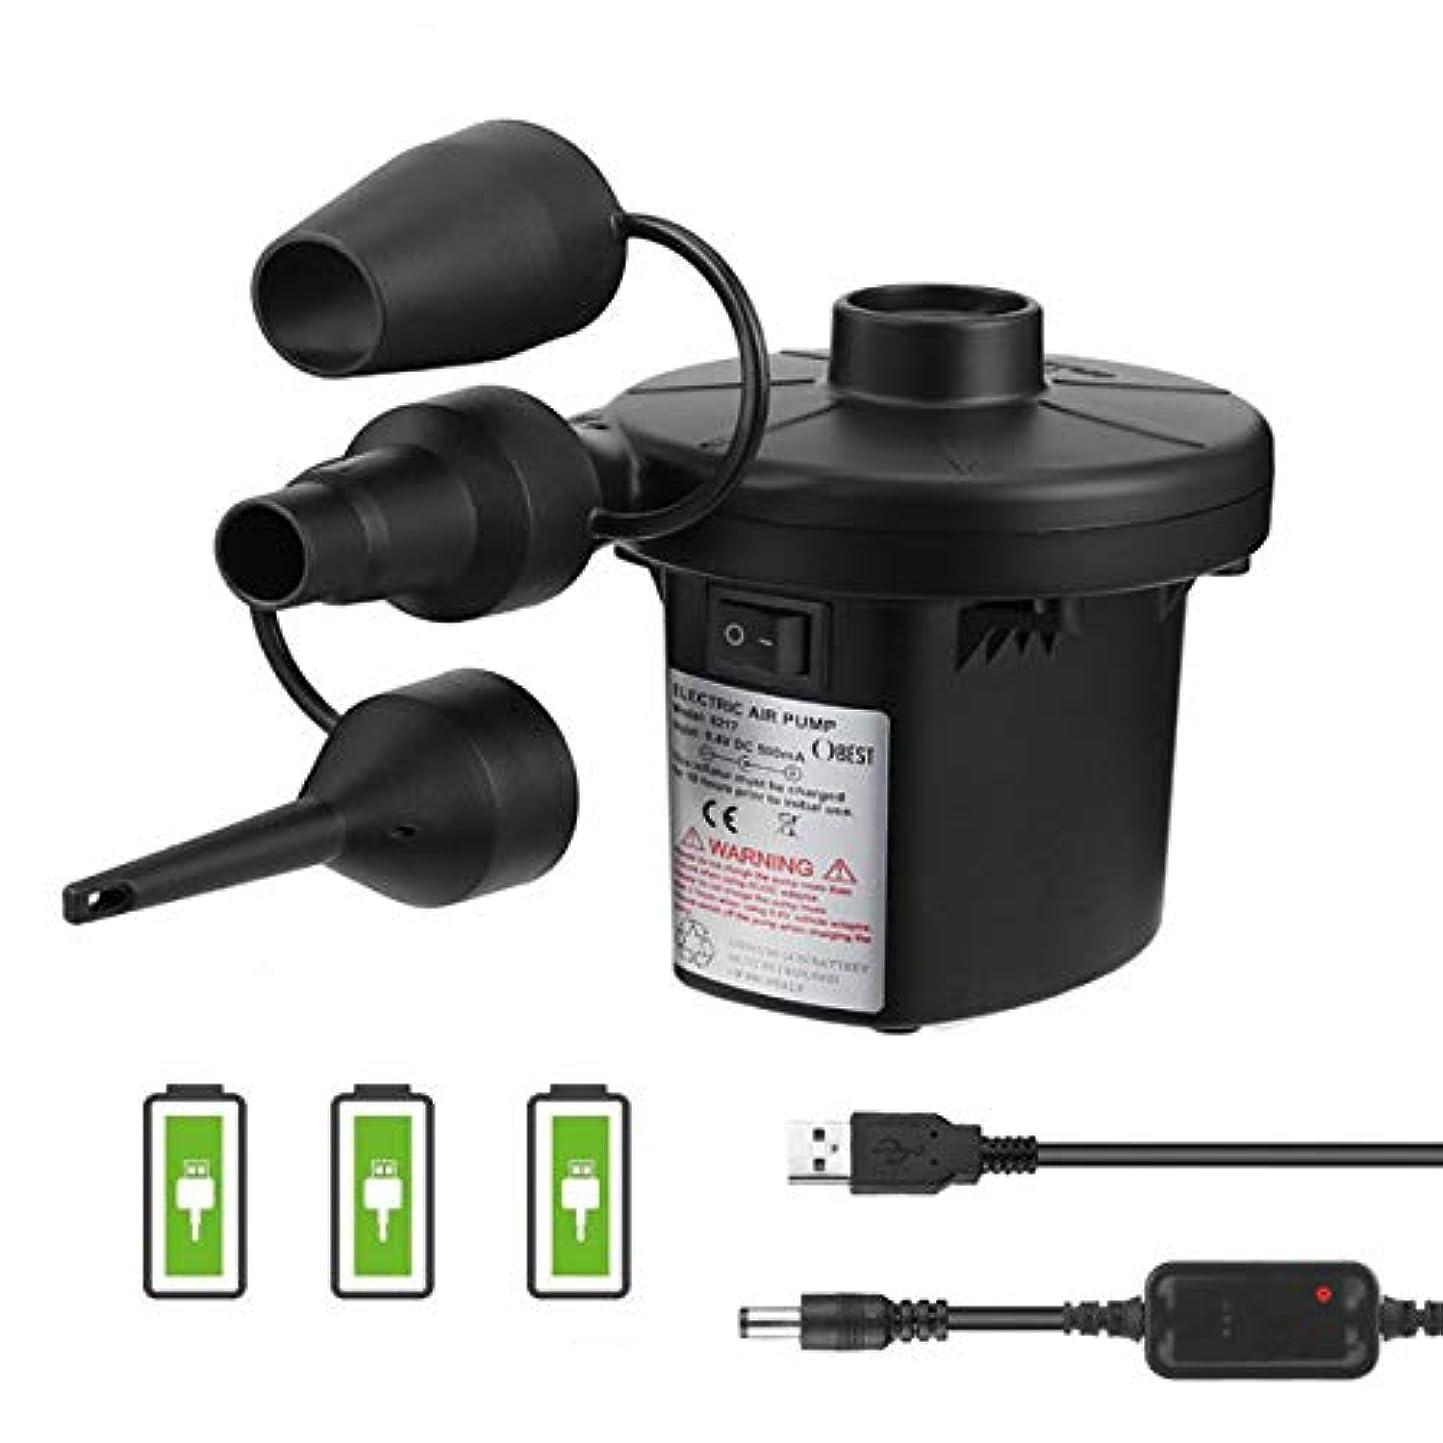 宝イソギンチャク開発OBEST 電動エアーポンプ 充電式/移動式 空気入れ/抜き両対応 USB充電 多規格ノズル 浮き輪/エアーベット 真空収納 海/キャンプ/ピクニック